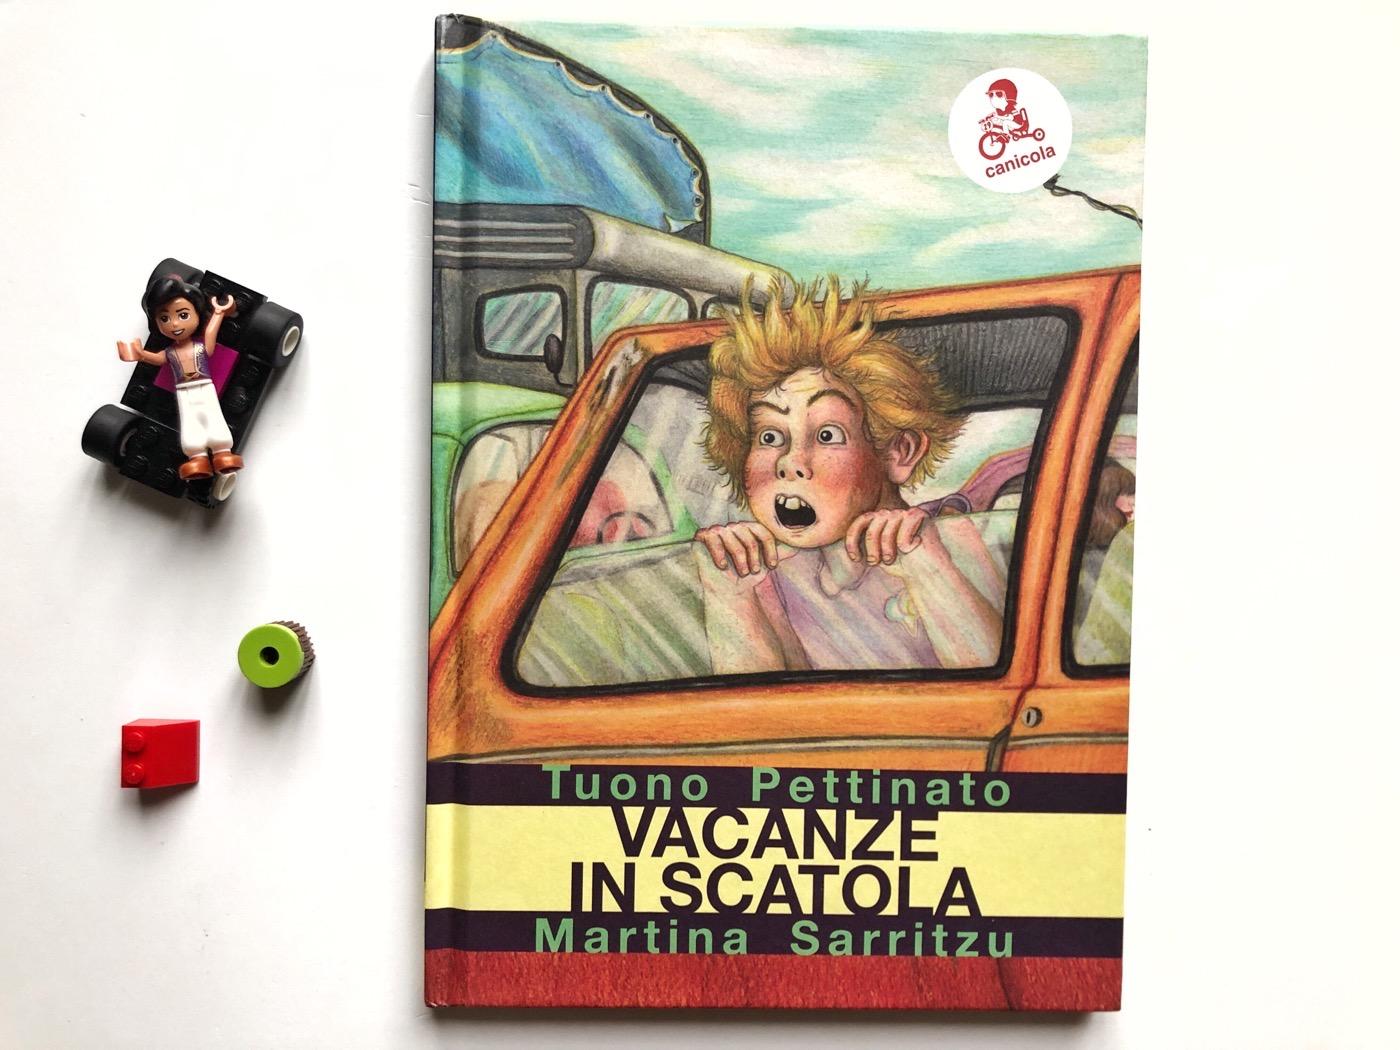 vacanze-in-scatola-tuono-pettinato-martina-sarritzu-canicola